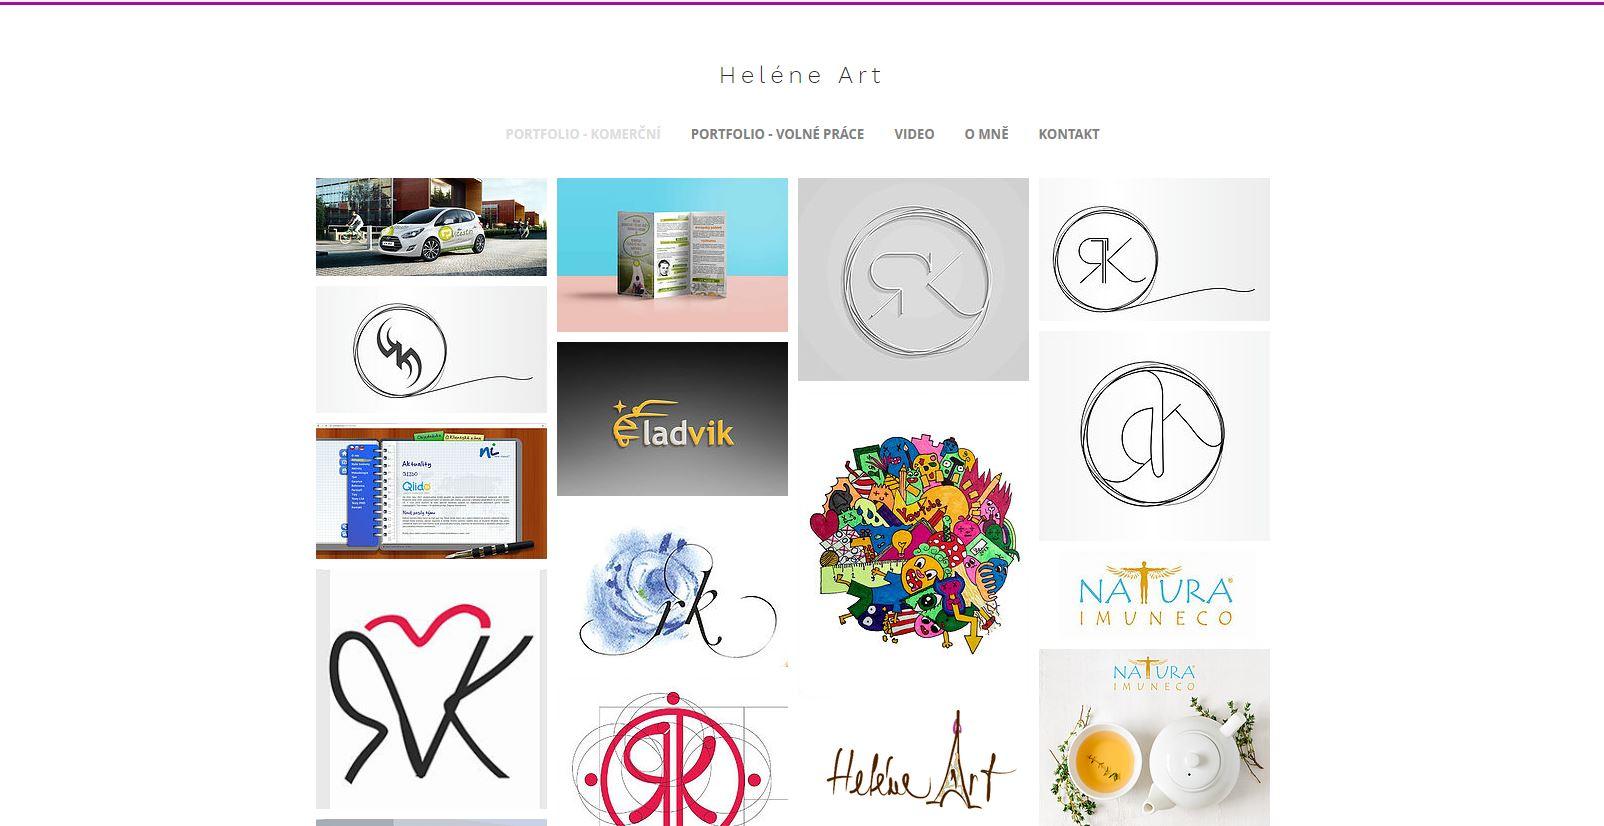 webové stránky Helene Art